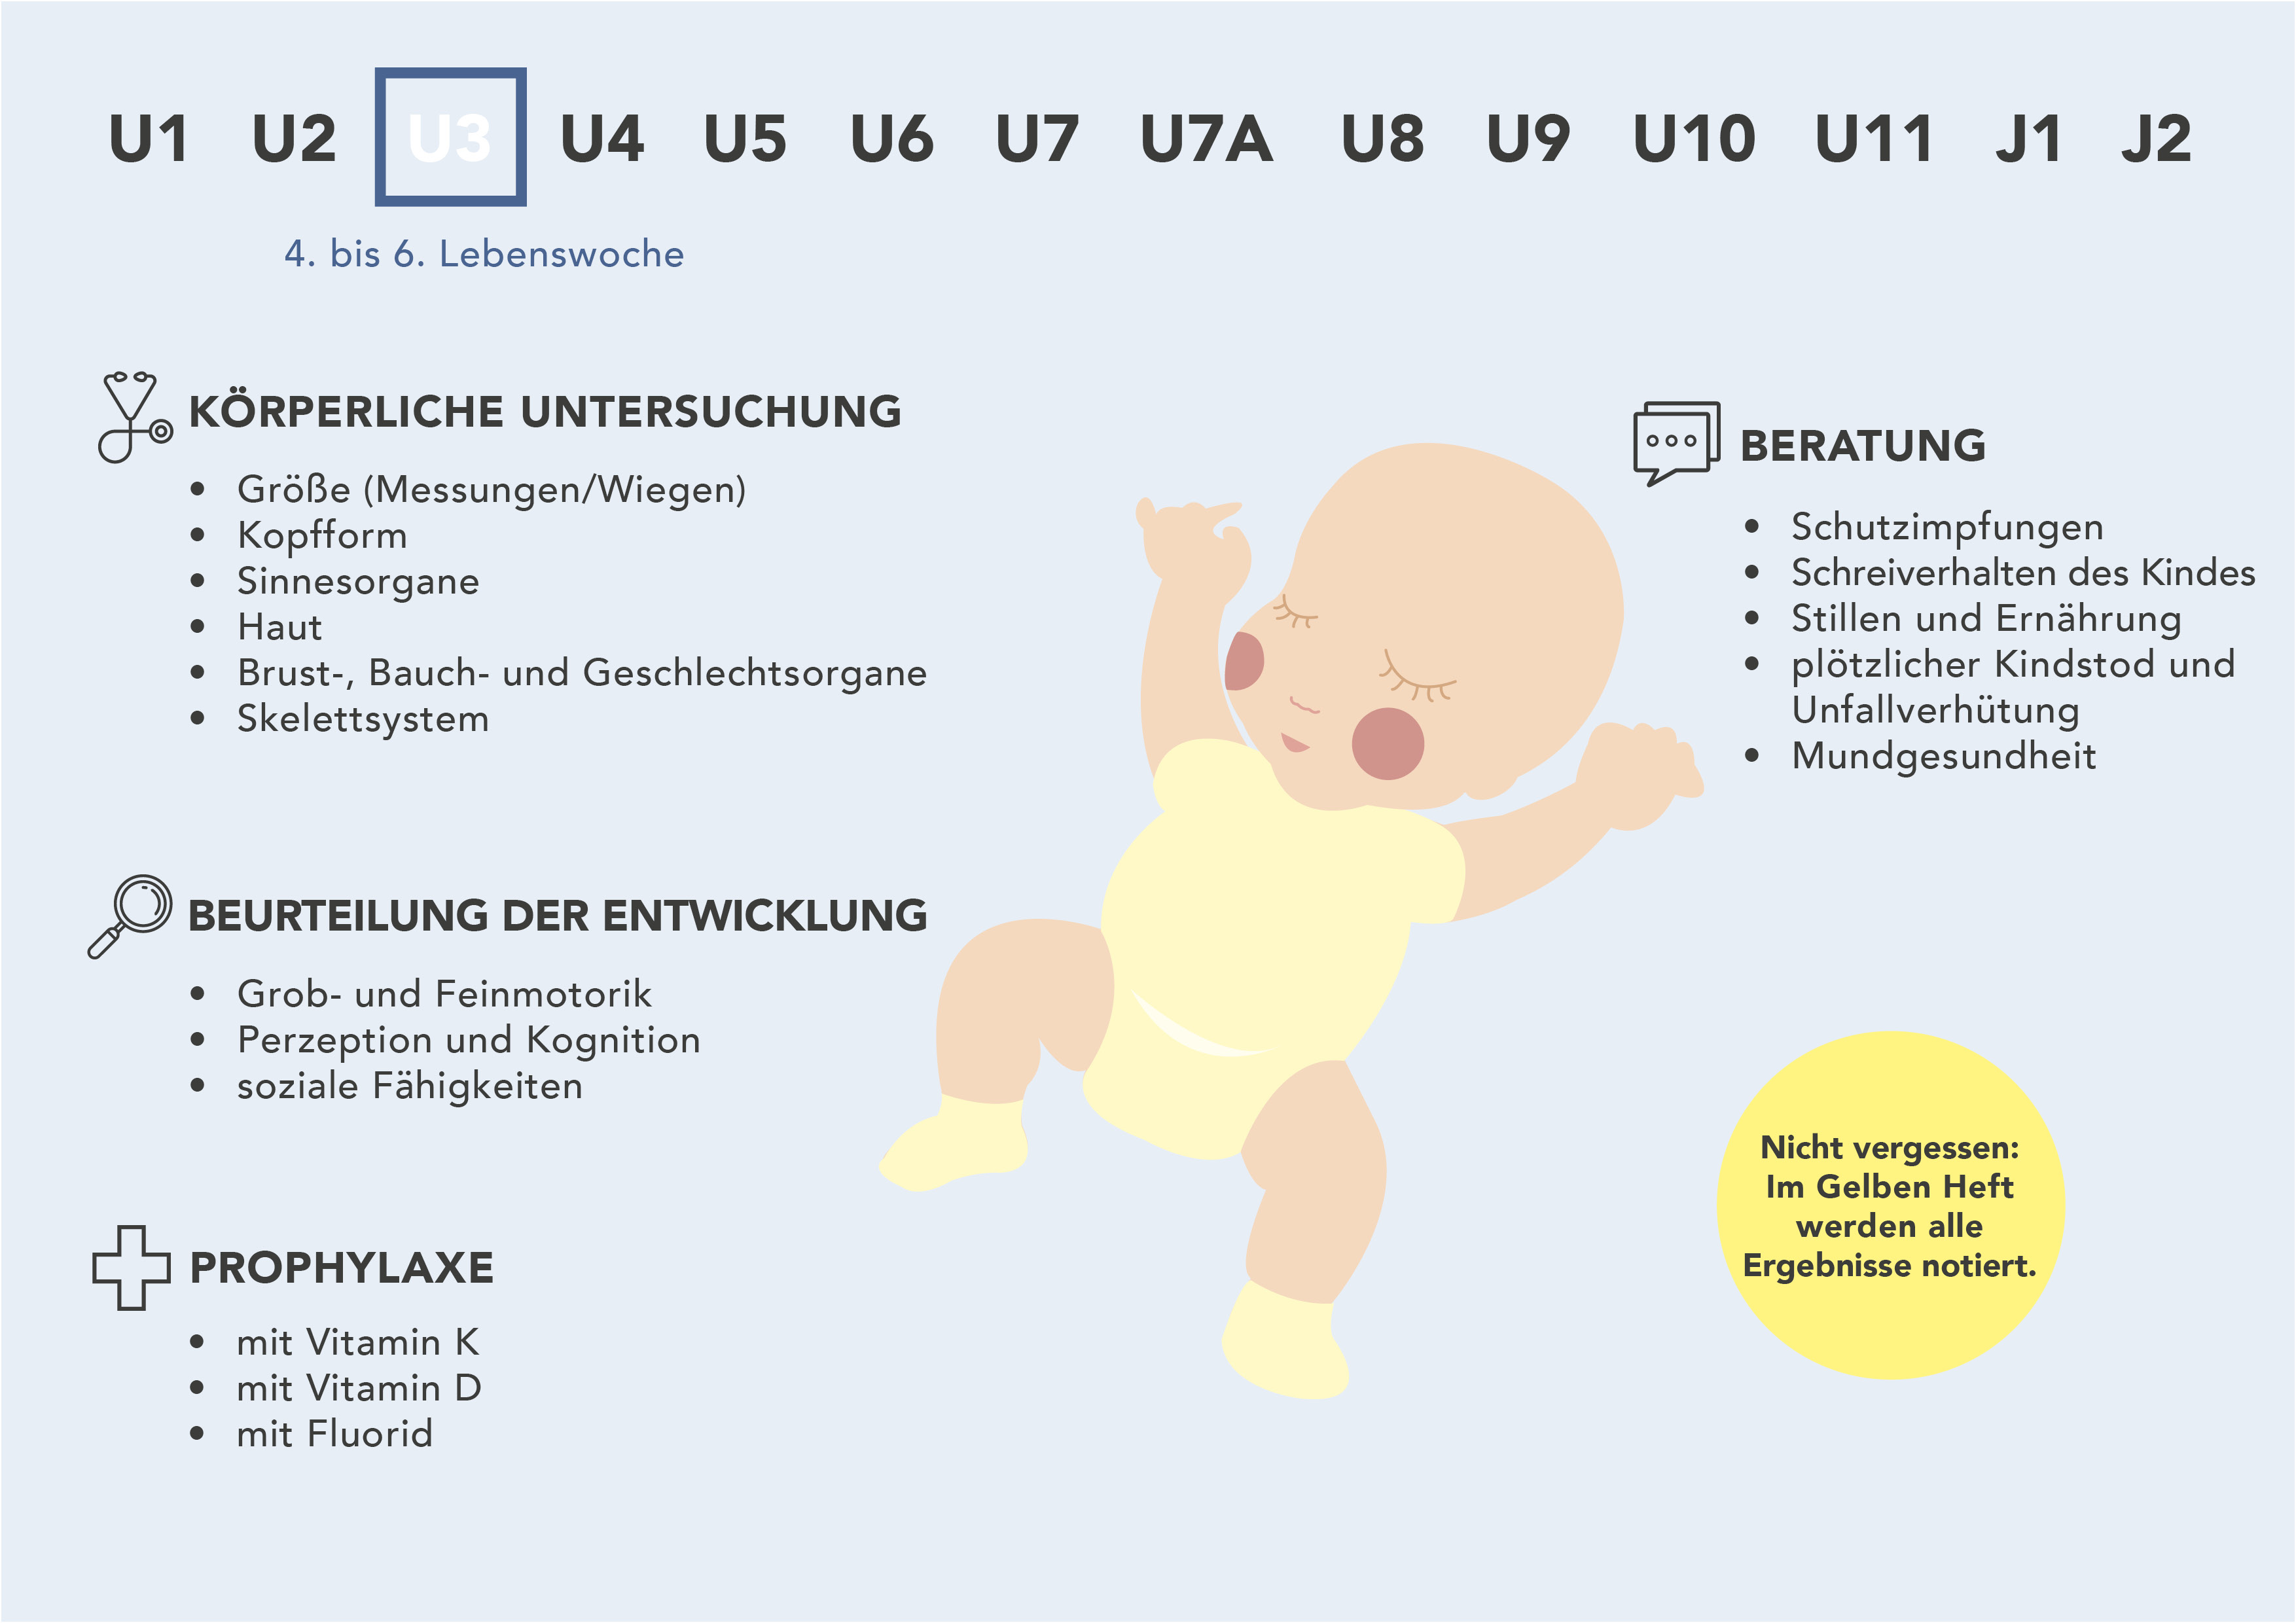 Die U3 auf einen Blick